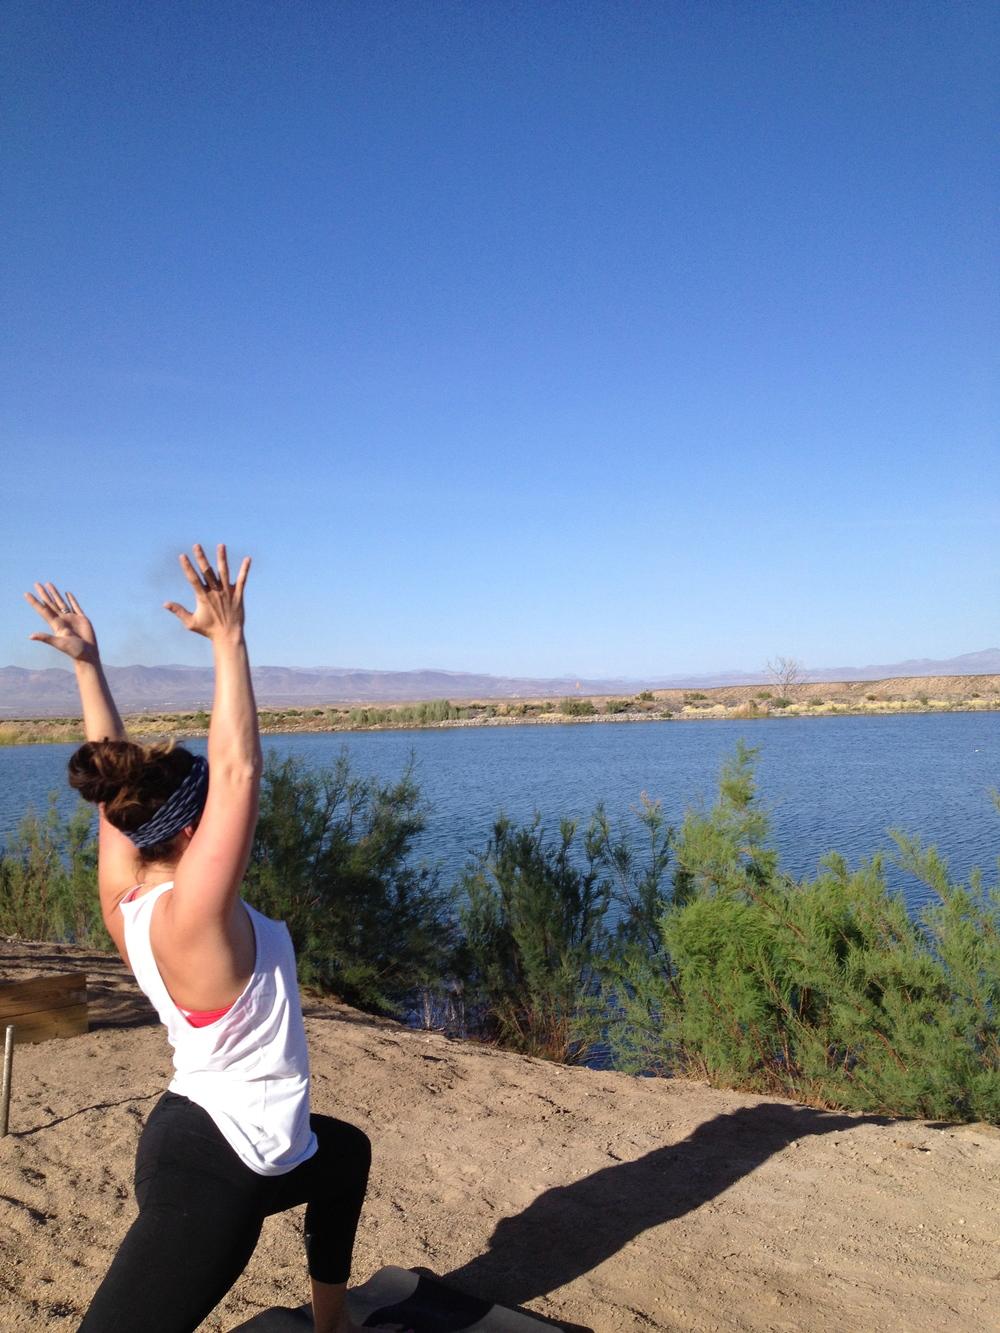 Yoga on Friday evening in Arizona.